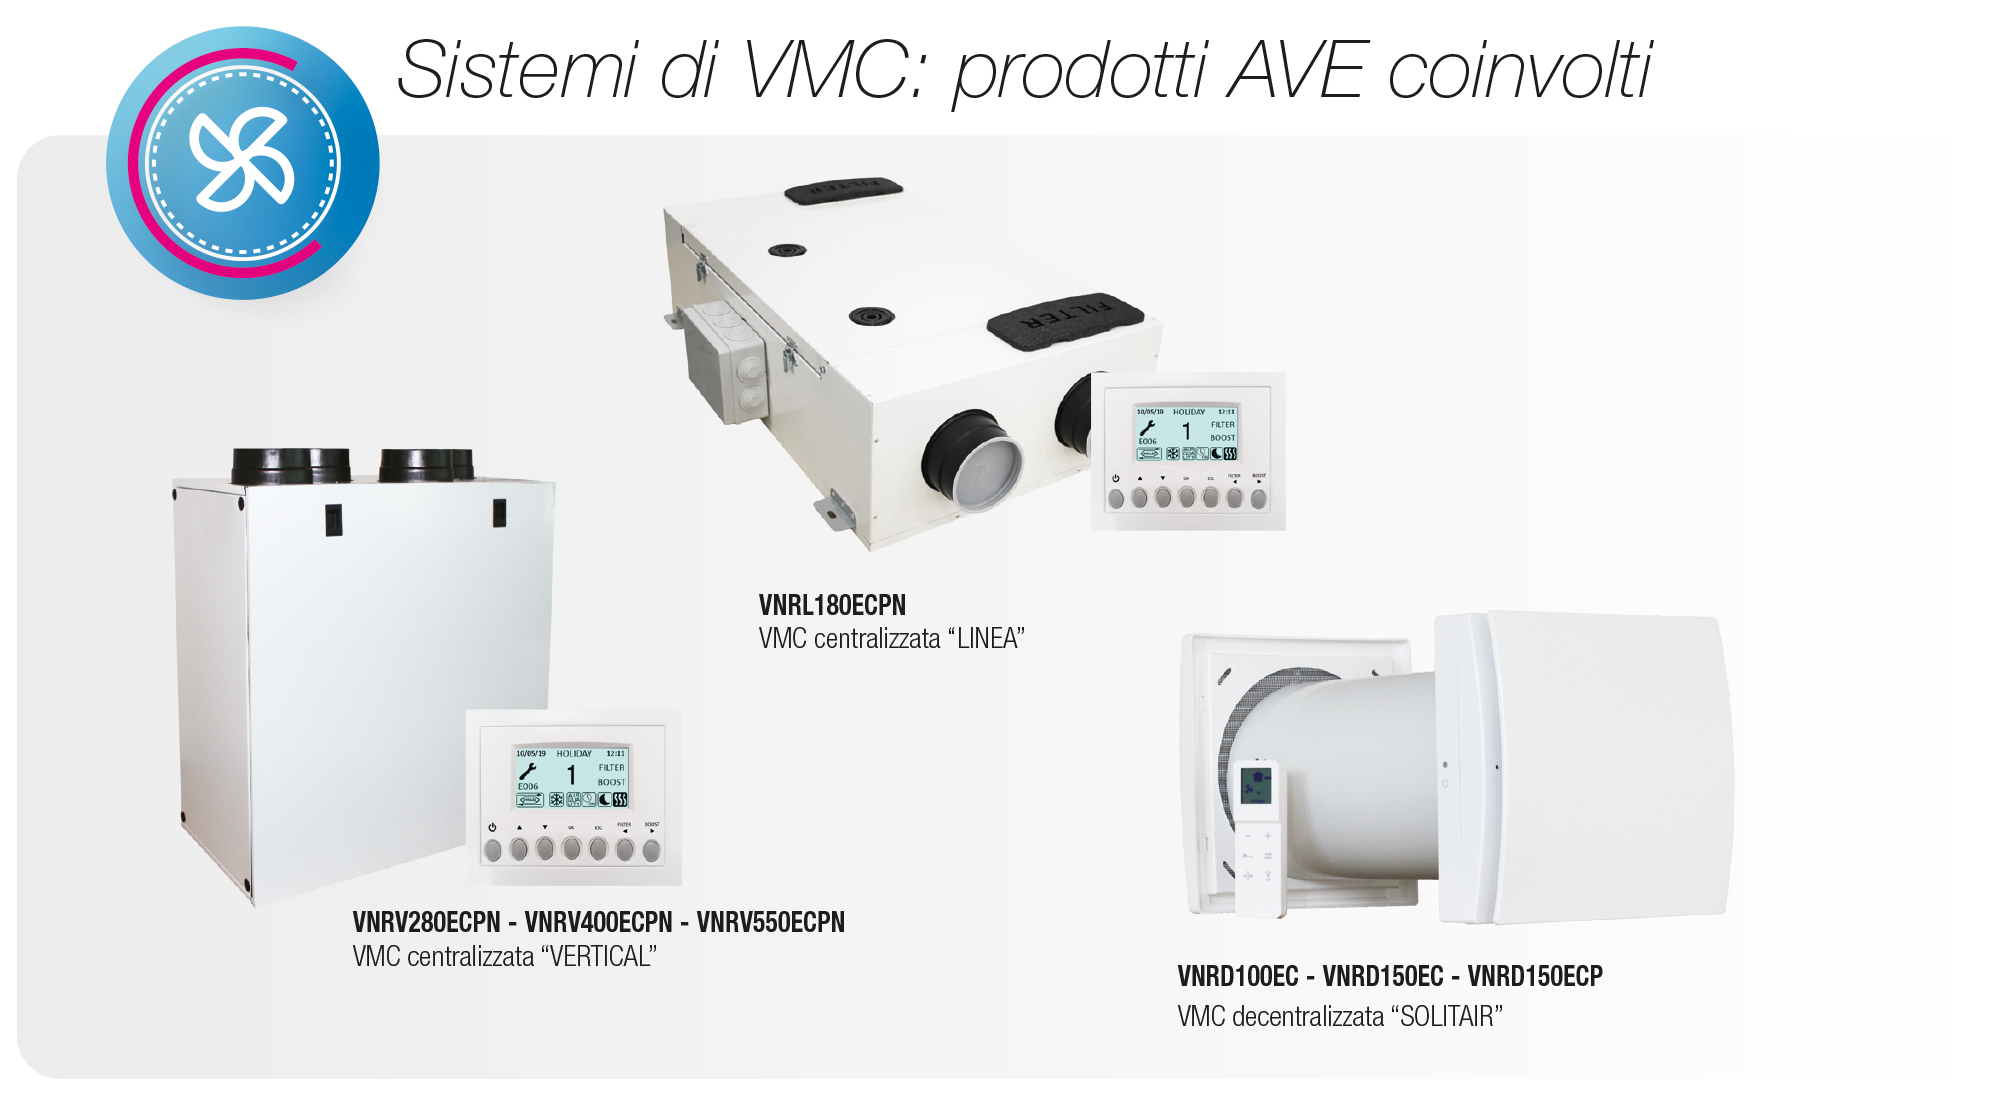 Sistemi di VMC: prodotti AVE coinvolti